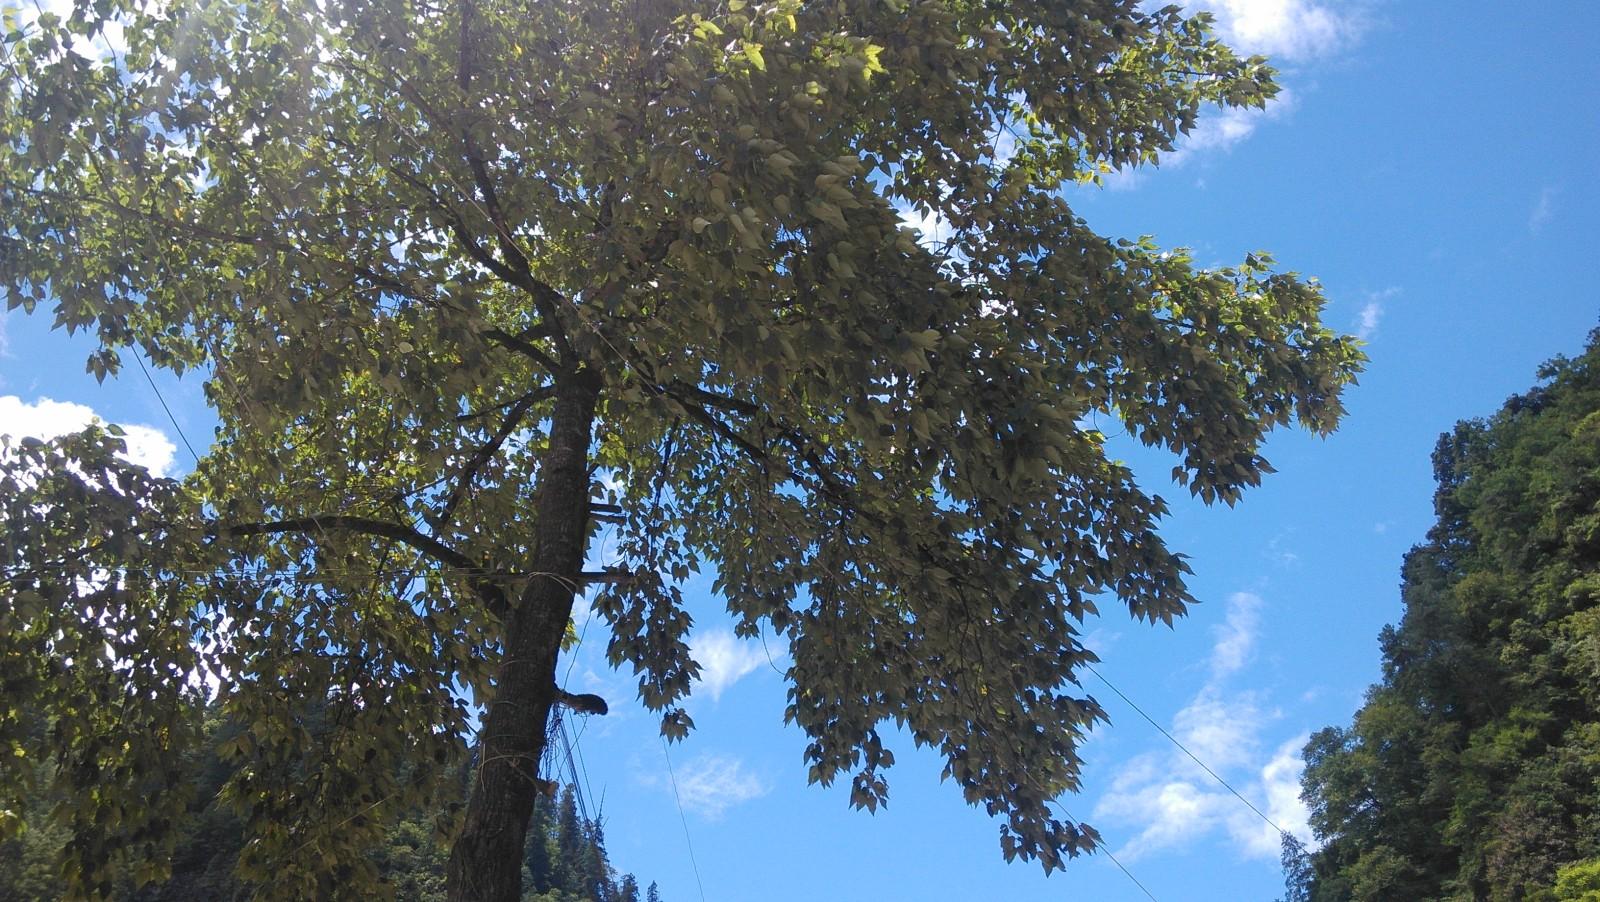 雄伟的树,撑起一片阴凉